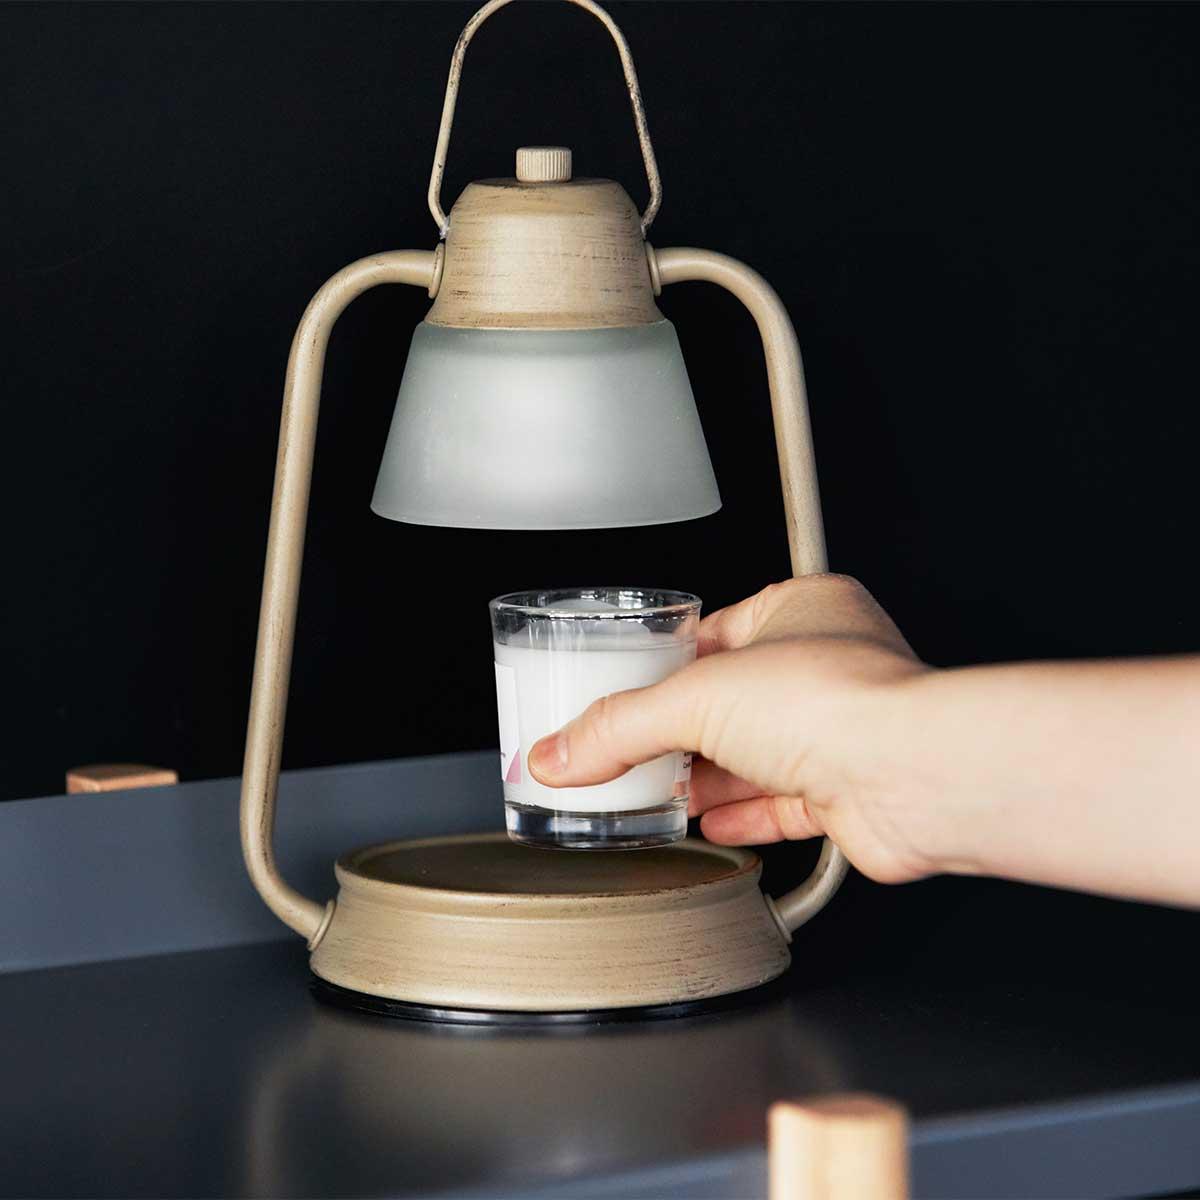 やさしい灯とお気に入りの香りに包まれる空間に、ゆったりと身を浸す「キャンドルウォーマーランプ」|kameyama candle house|デジタルデトックスでスマホ断ち!楽しく心身のリフレッシュを。楽しんでスマホやPCを手放せる方法とグッズ6選